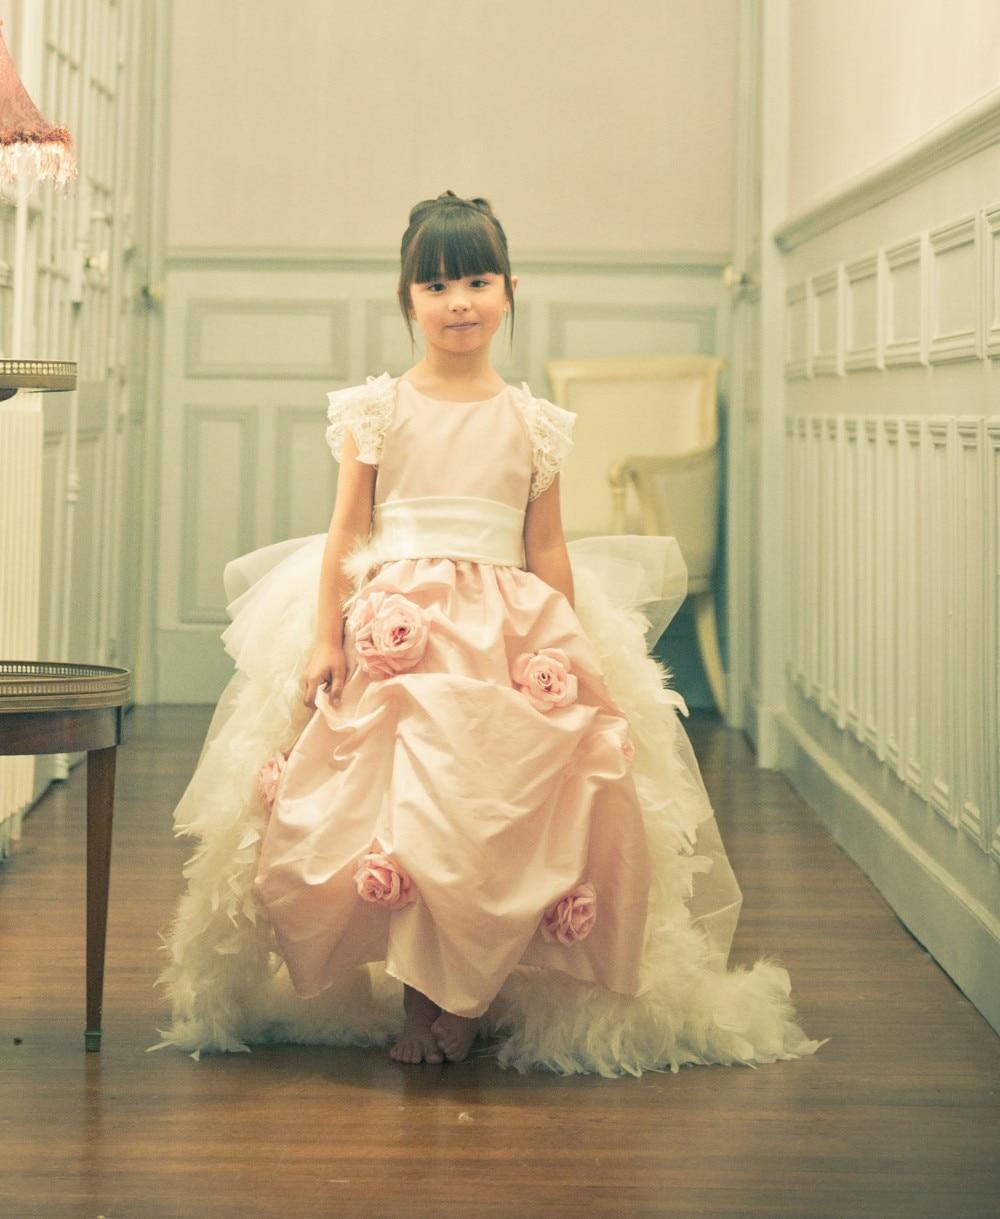 Une touche de Roses une superbe robe ornée de Roses détachable plume Train rose robes de reconstitution historique des enfants